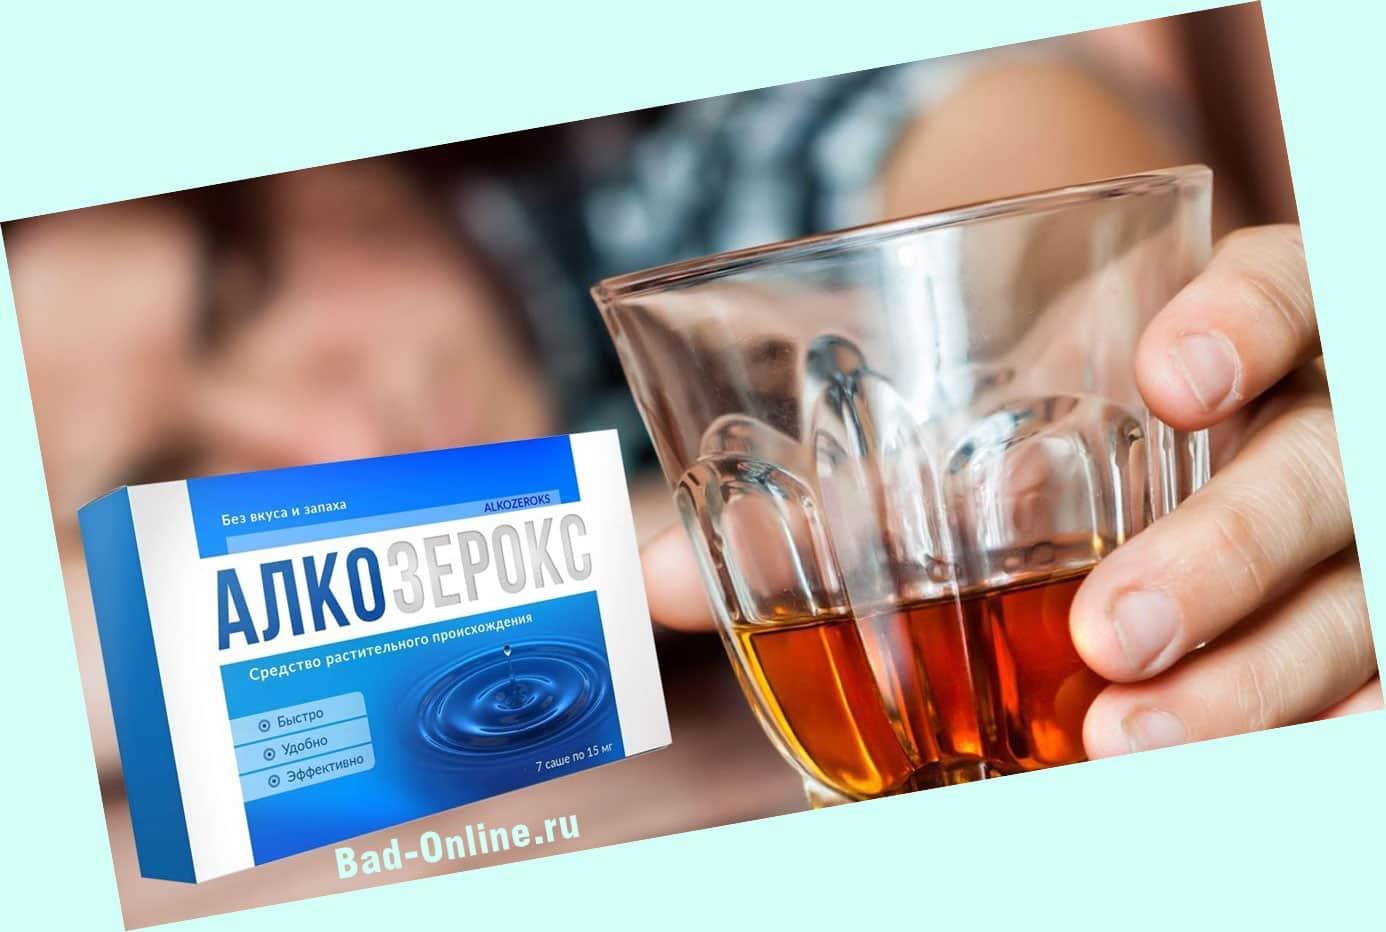 Противопоказания у средства Алкозерокс